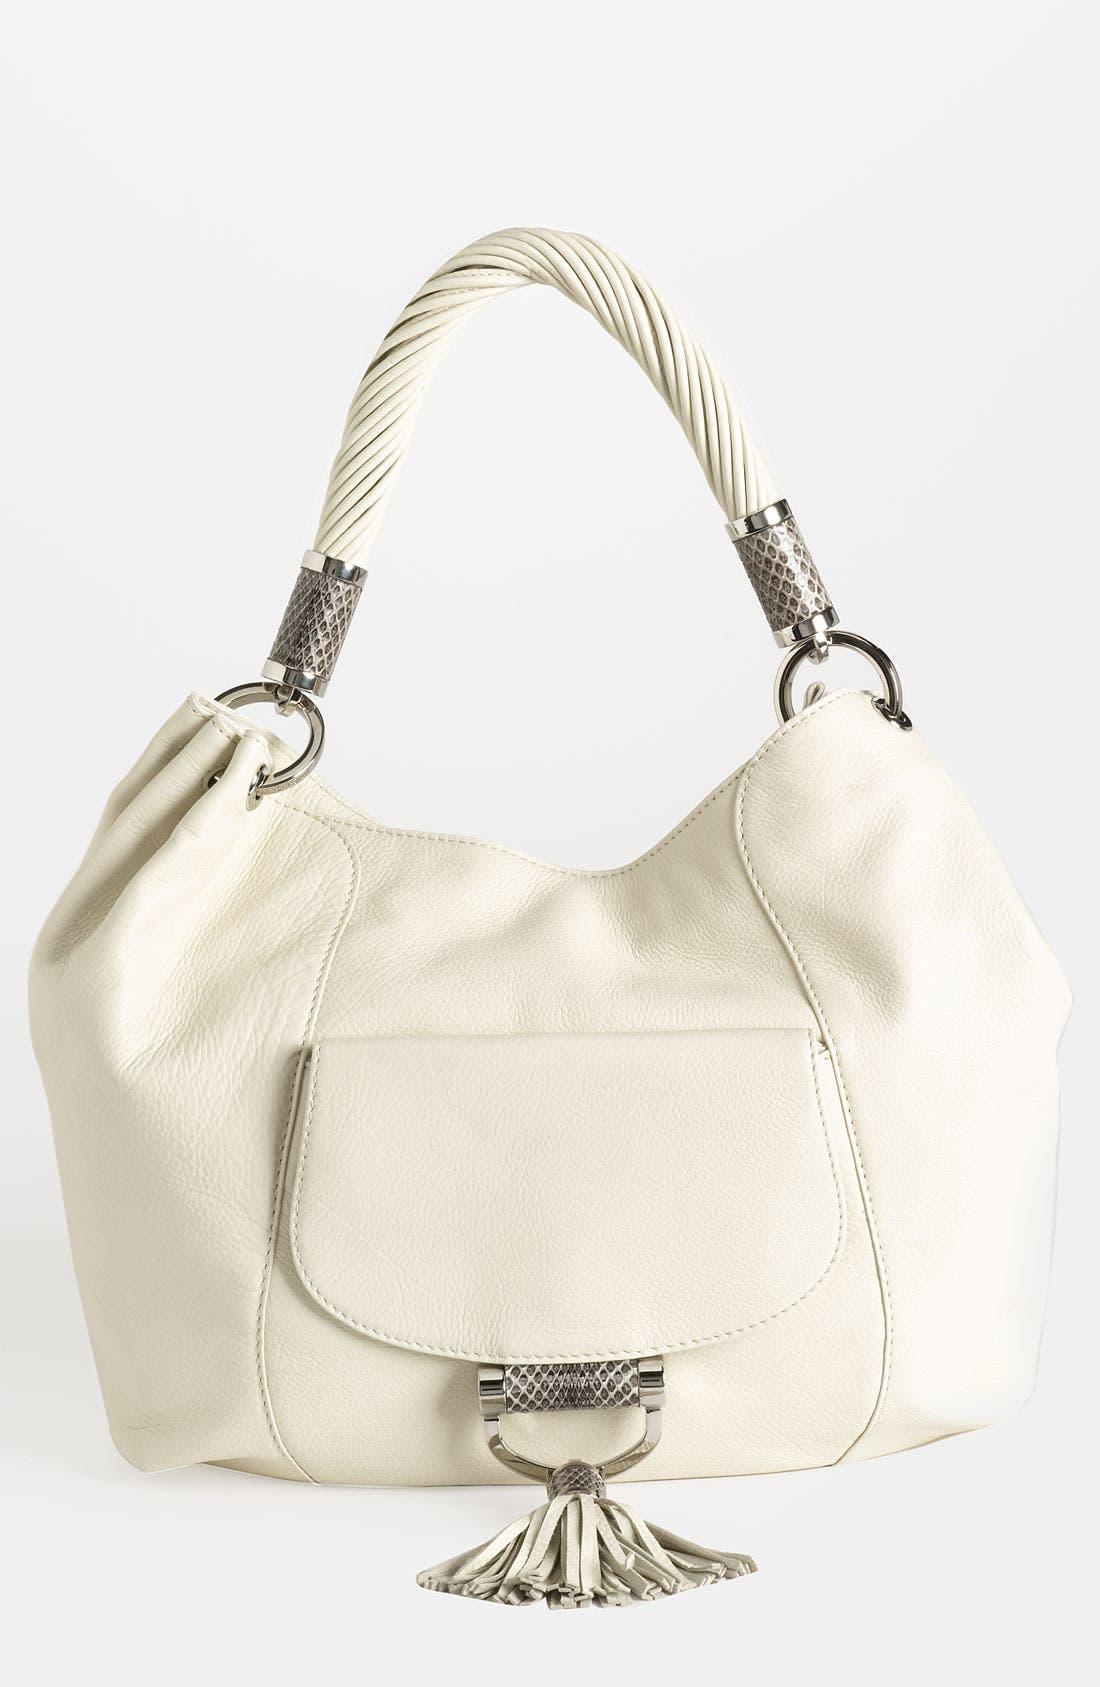 Main Image - Michael Kors 'Tonne' Leather Shoulder Bag